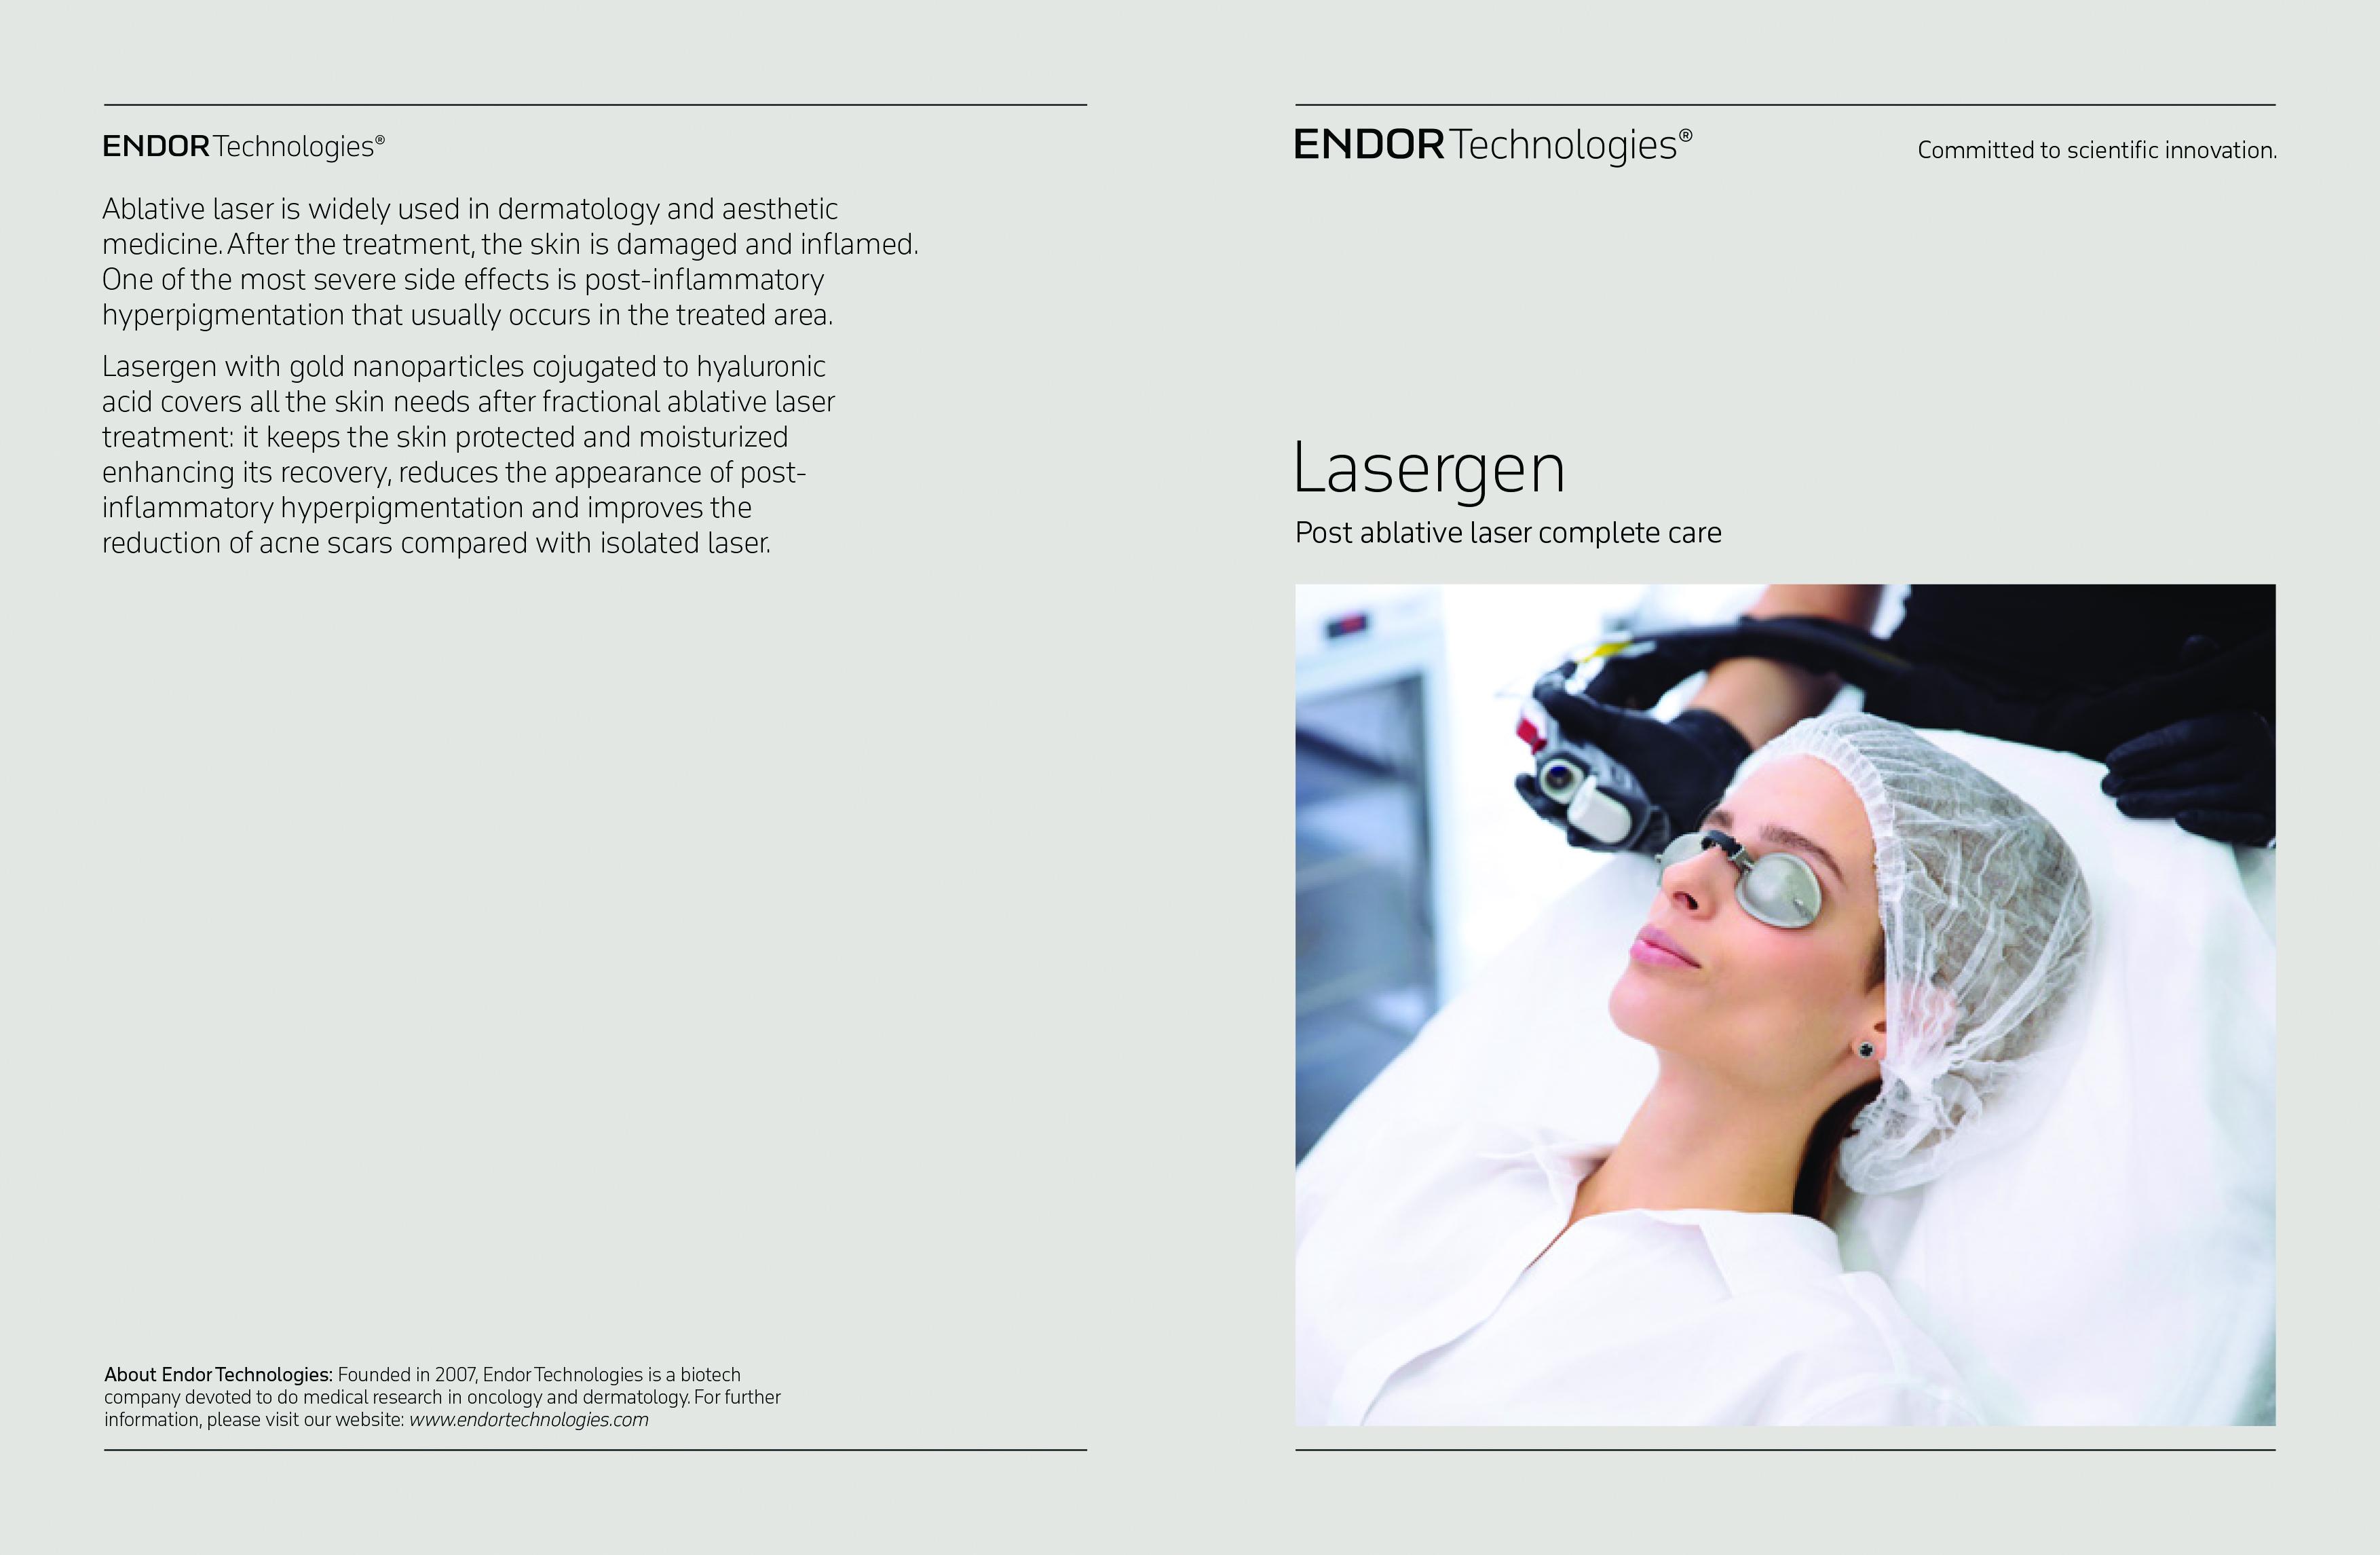 ENDOR Technologies Post Laser Lasergen